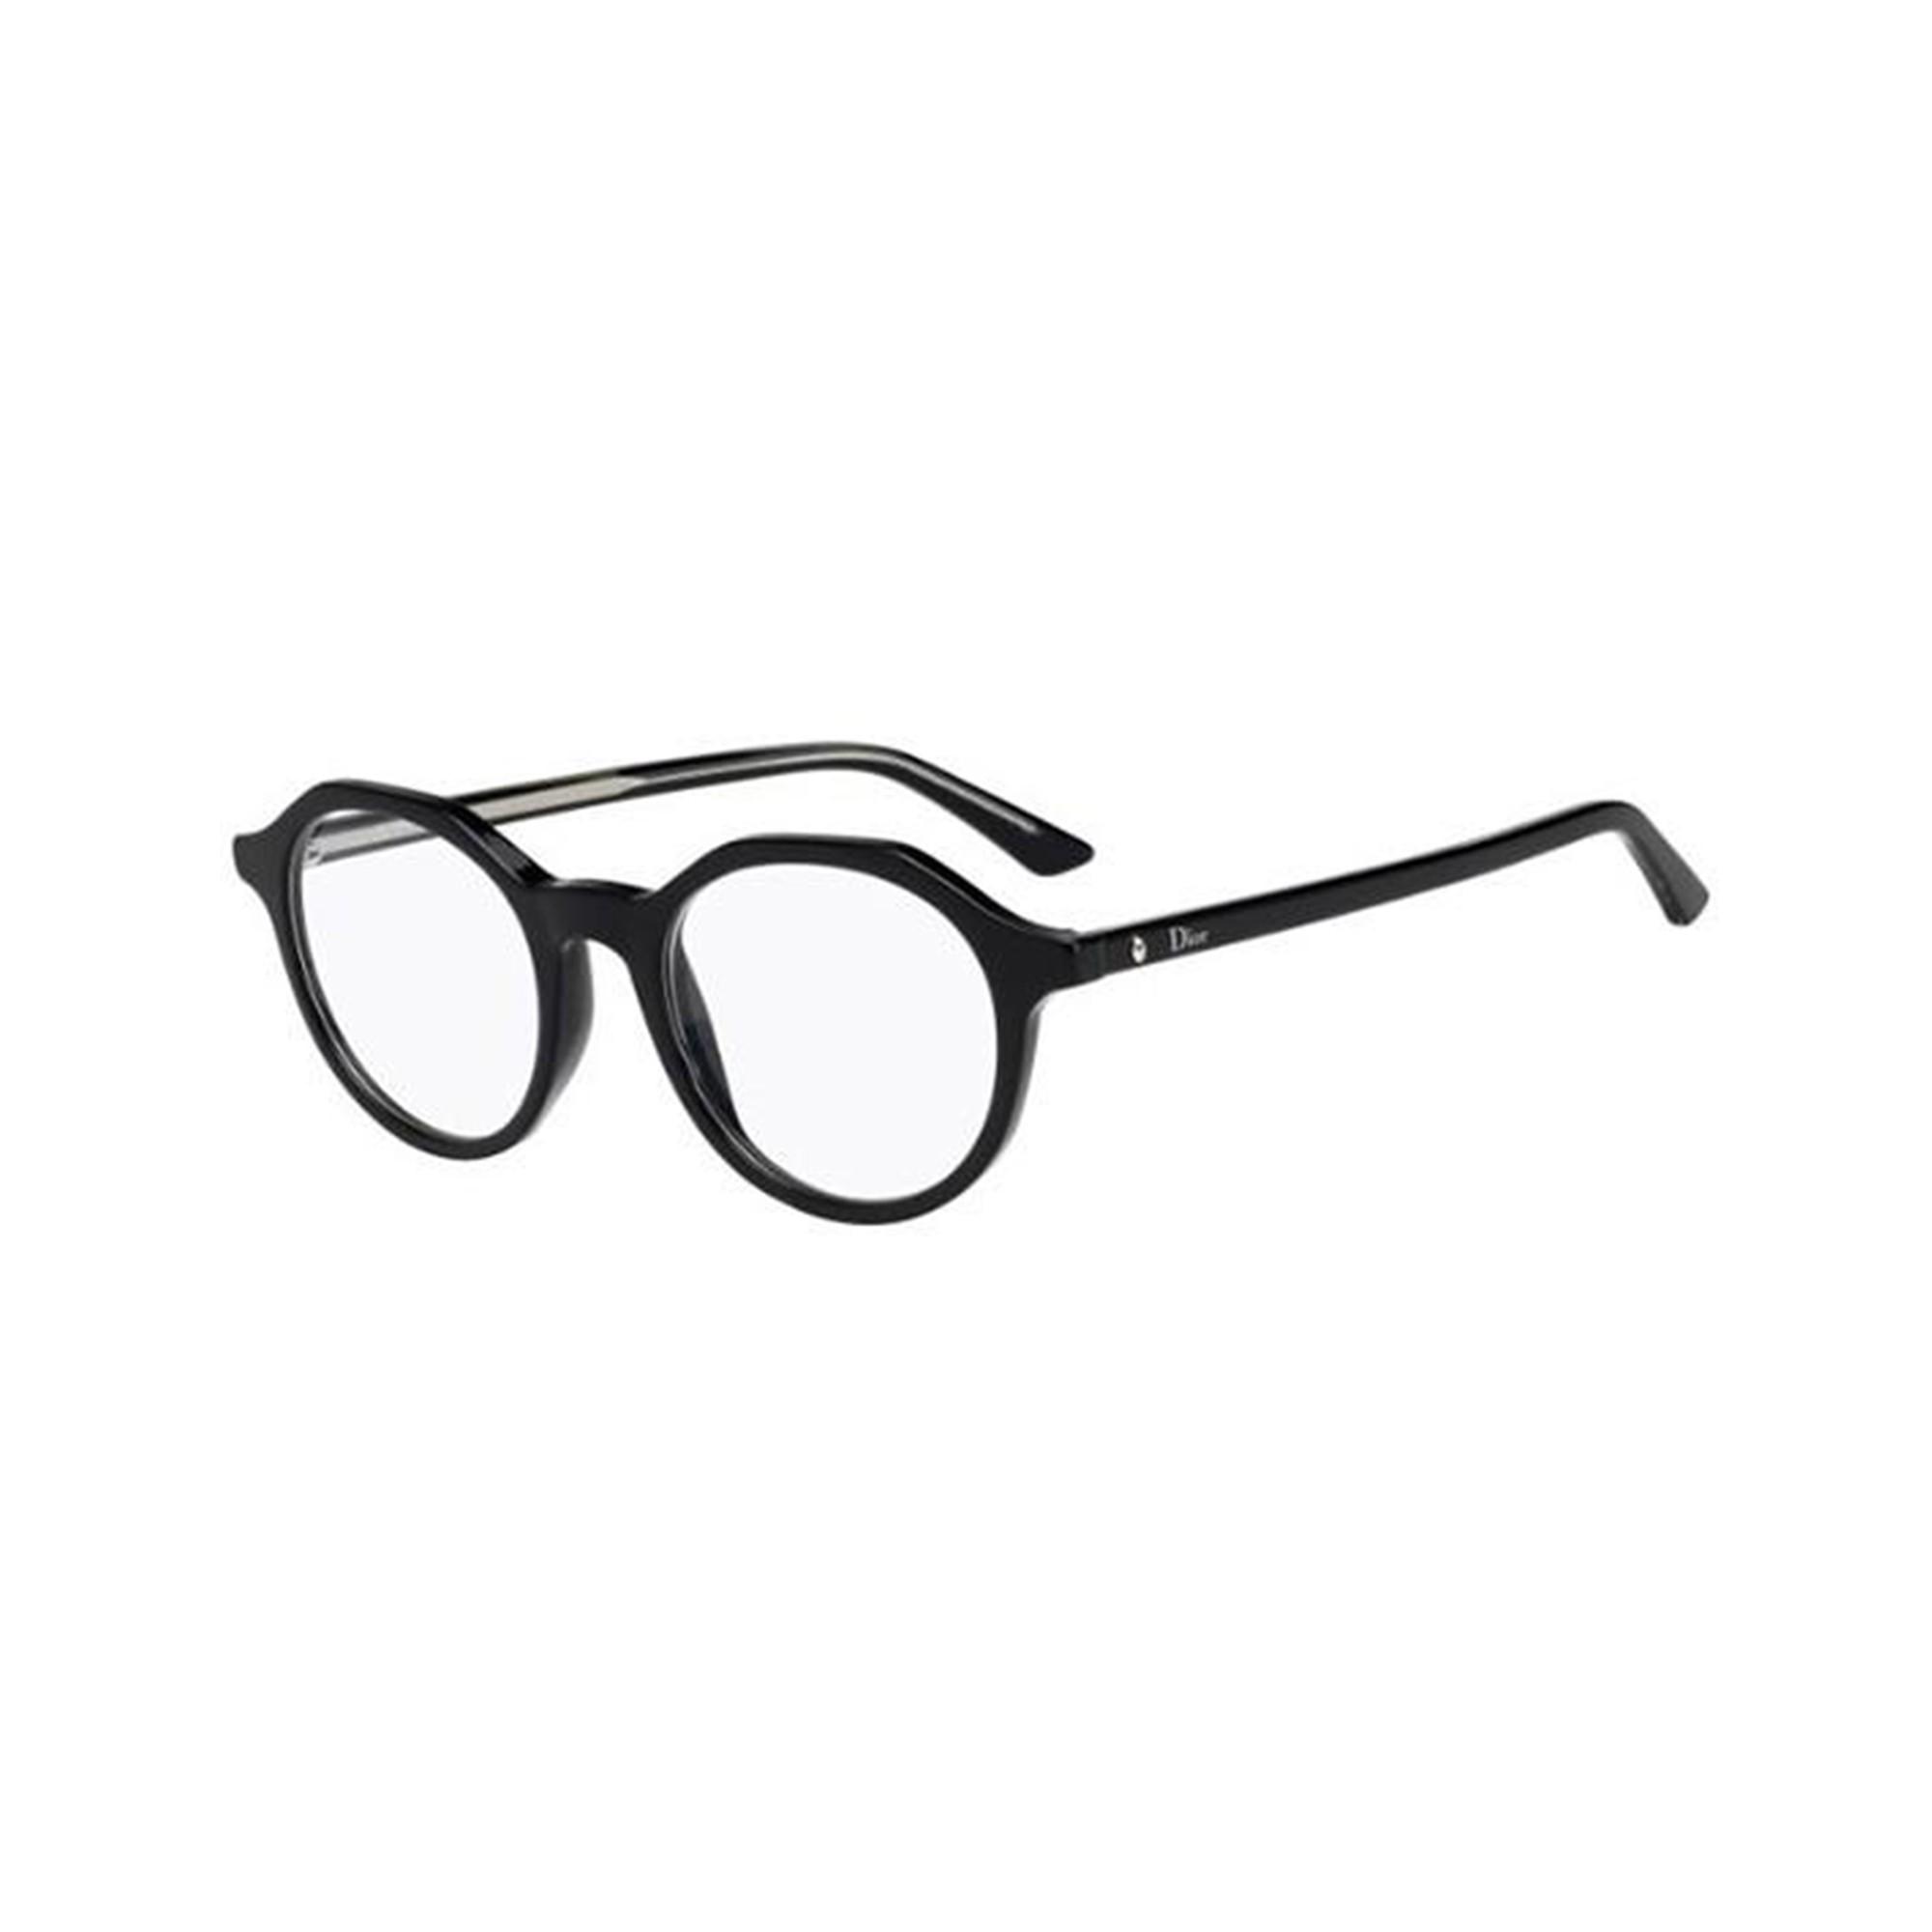 lunettes de vue dior montaigne 2 ecaille g9q - Bienvoir.com - Opticien 40d02c2d77a2